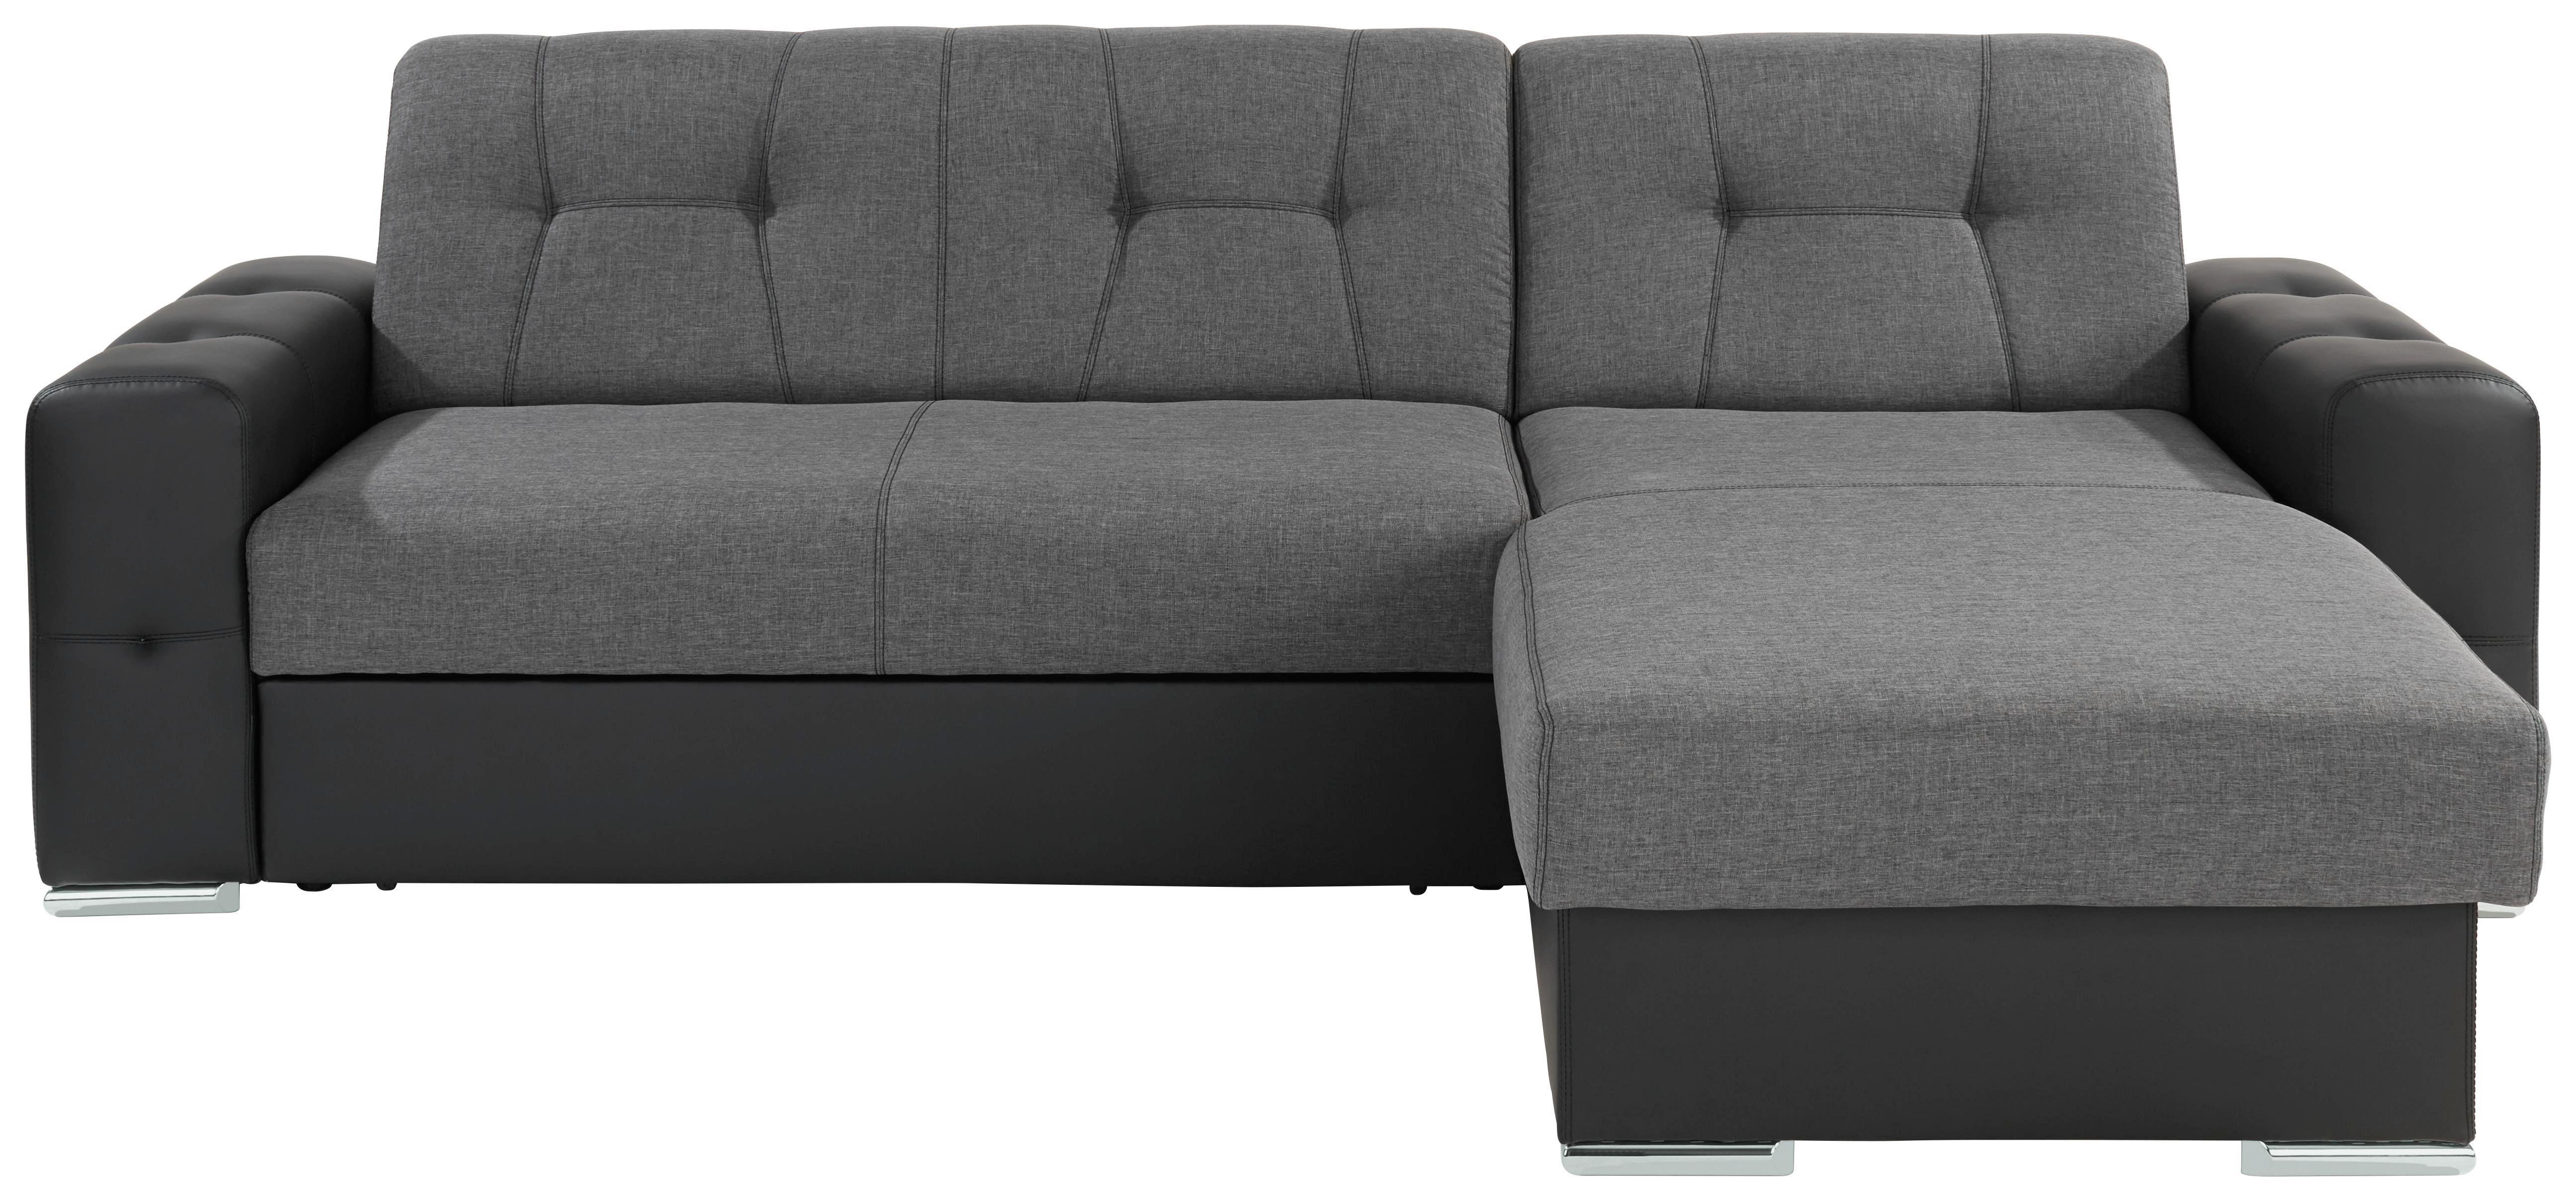 Wohnlandschaft grau  WOHNLANDSCHAFT FULTON 260x160cm Schwarz/Grau online kaufen ➤ Möbelix